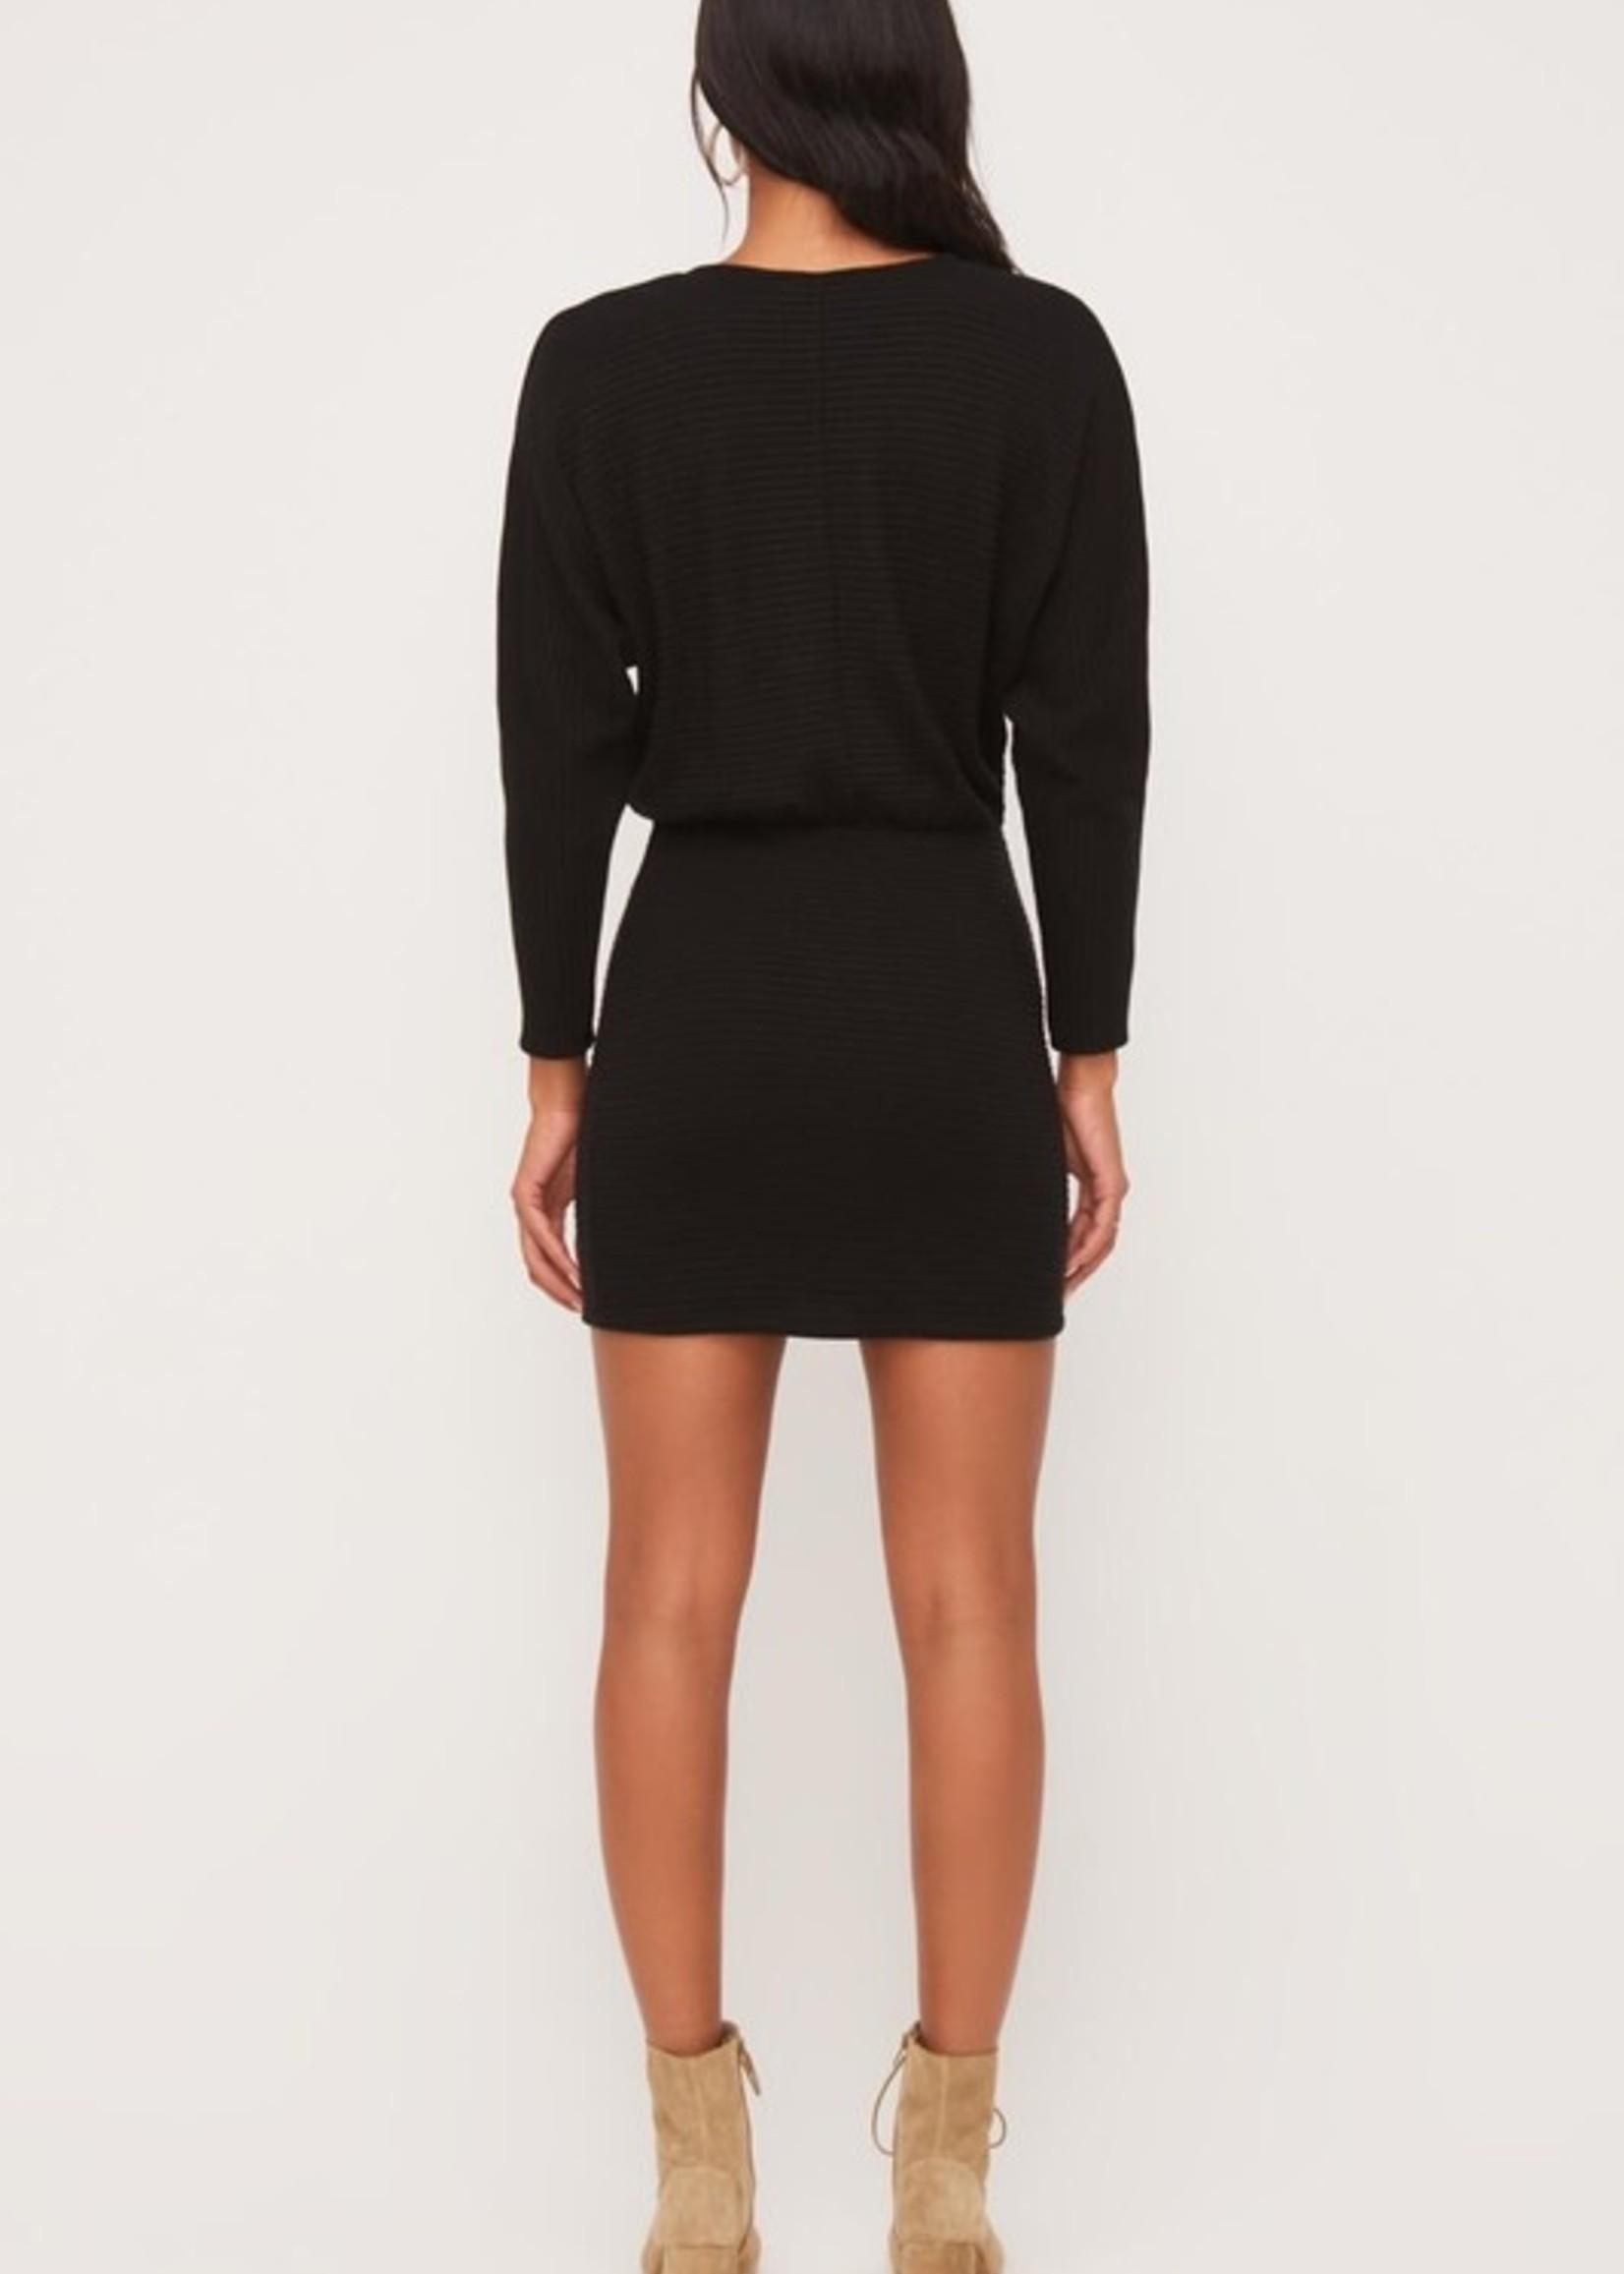 Lush Ribbed Mini Dress - Black